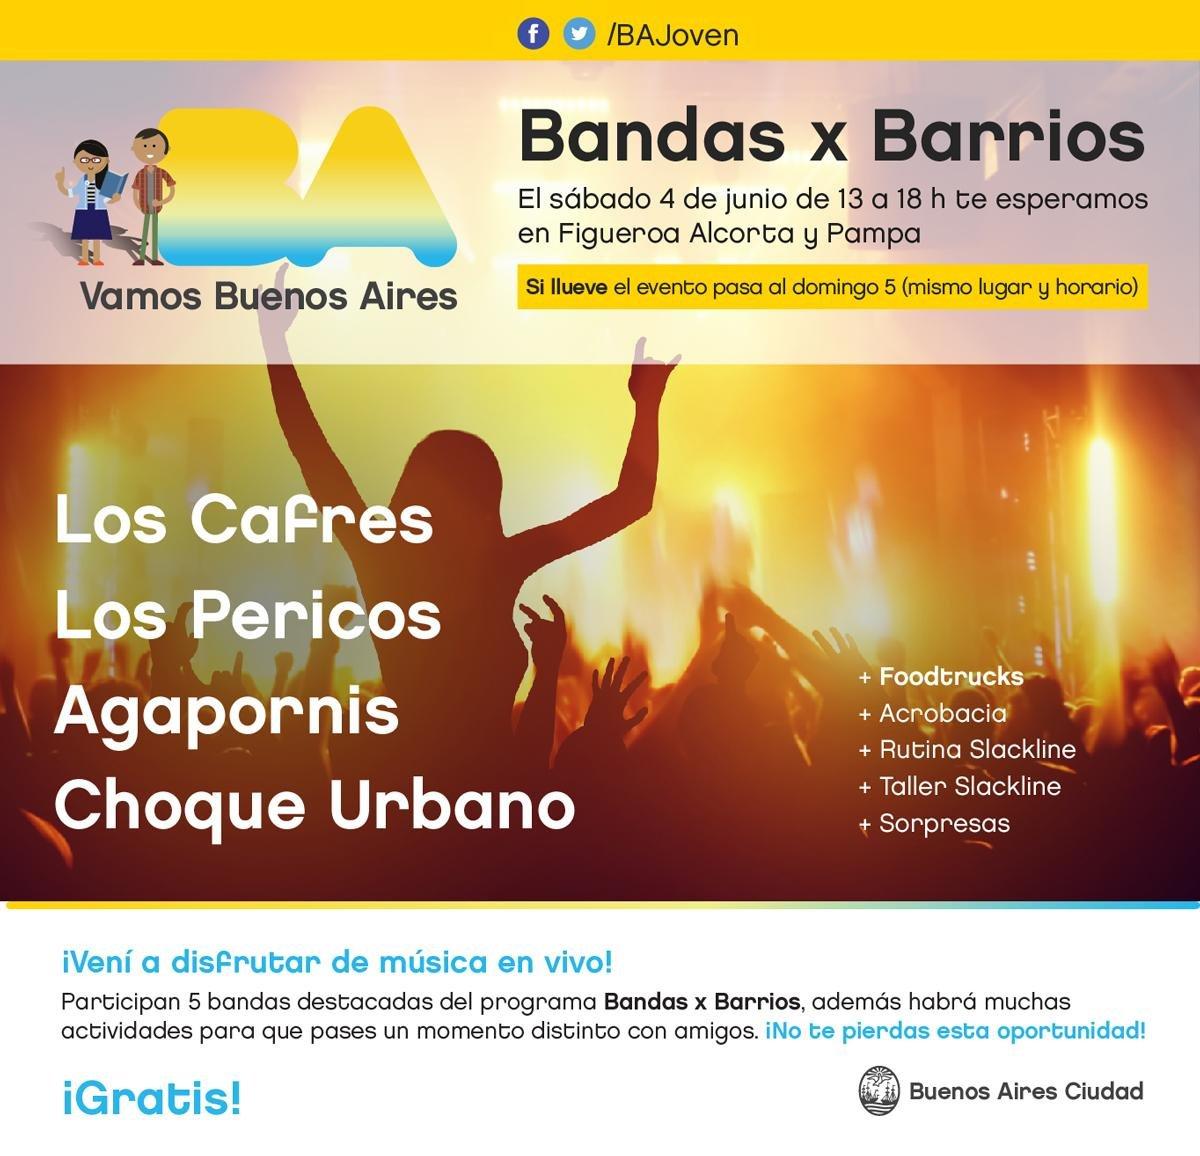 ¡Atentos! Este sábado 4 de junio lanzamos #BandasxBarrios 2016.  El evento es gratuito. https://t.co/61uH77yAx5